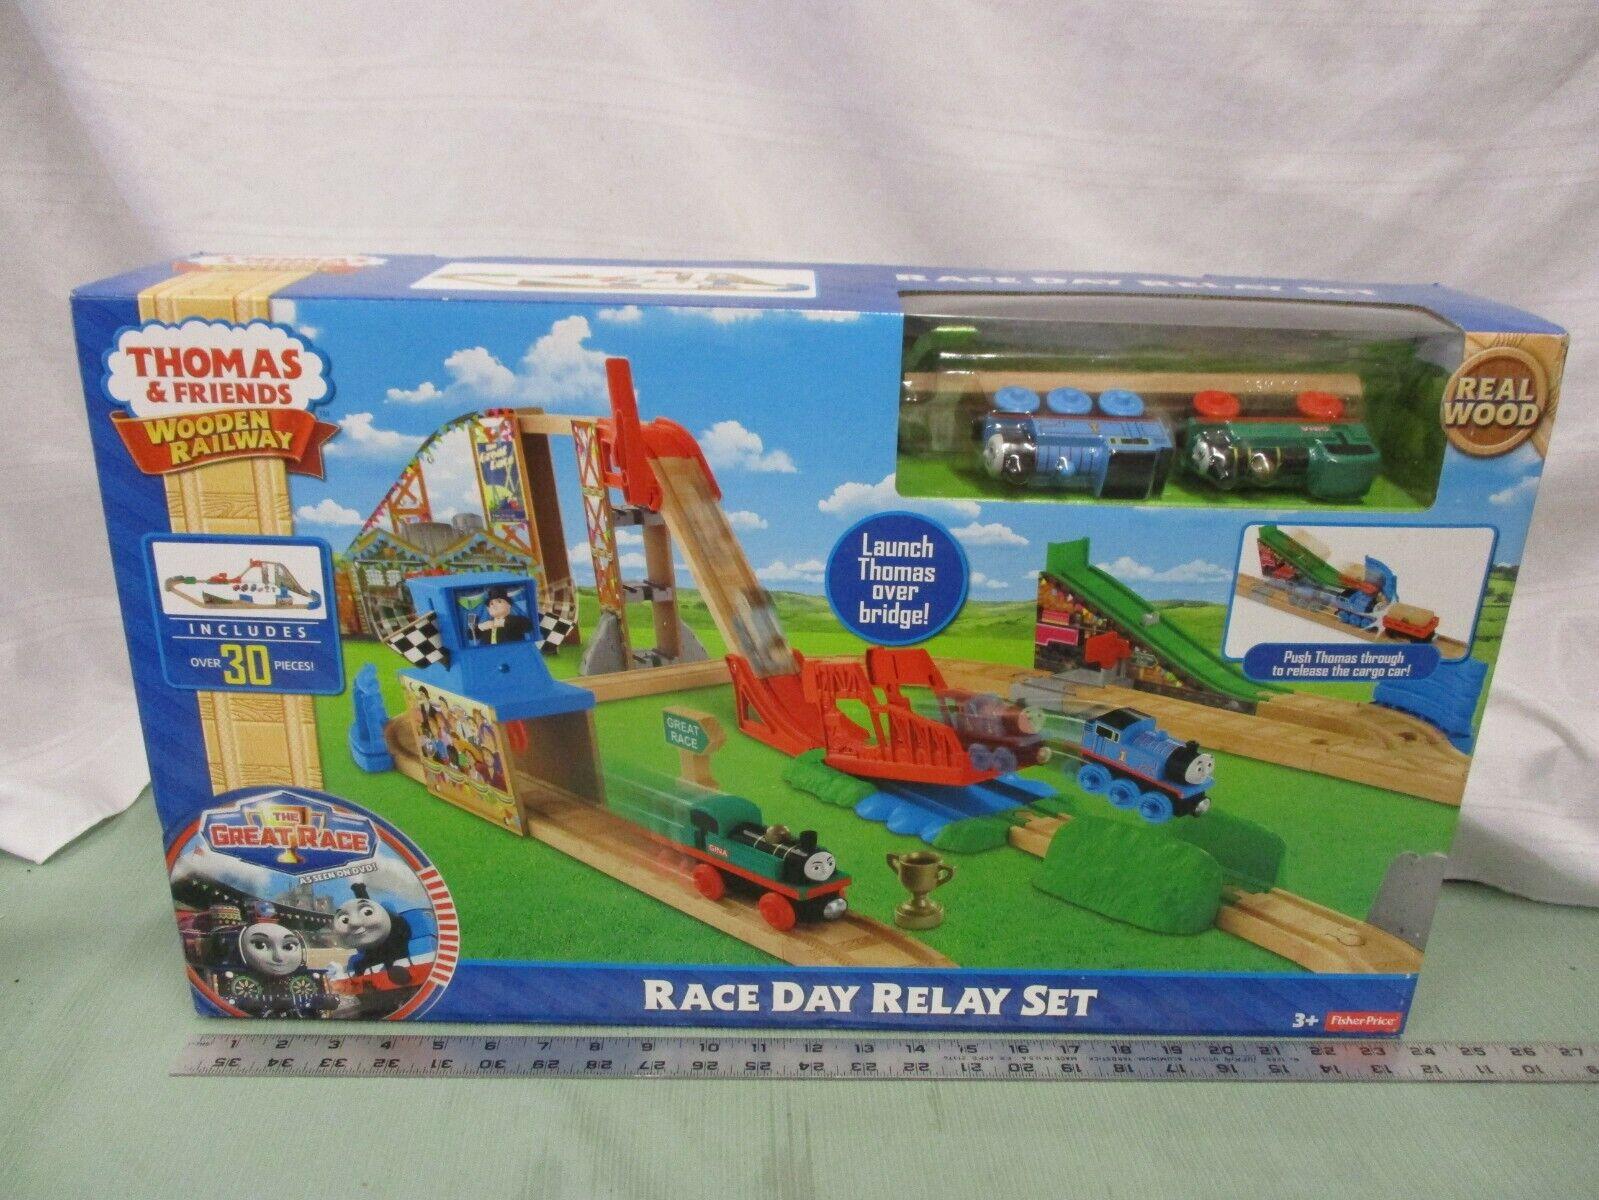 Nuevo Friends Wooden Railway Thomas and juego de relés de las pistas de tren Race Day competir